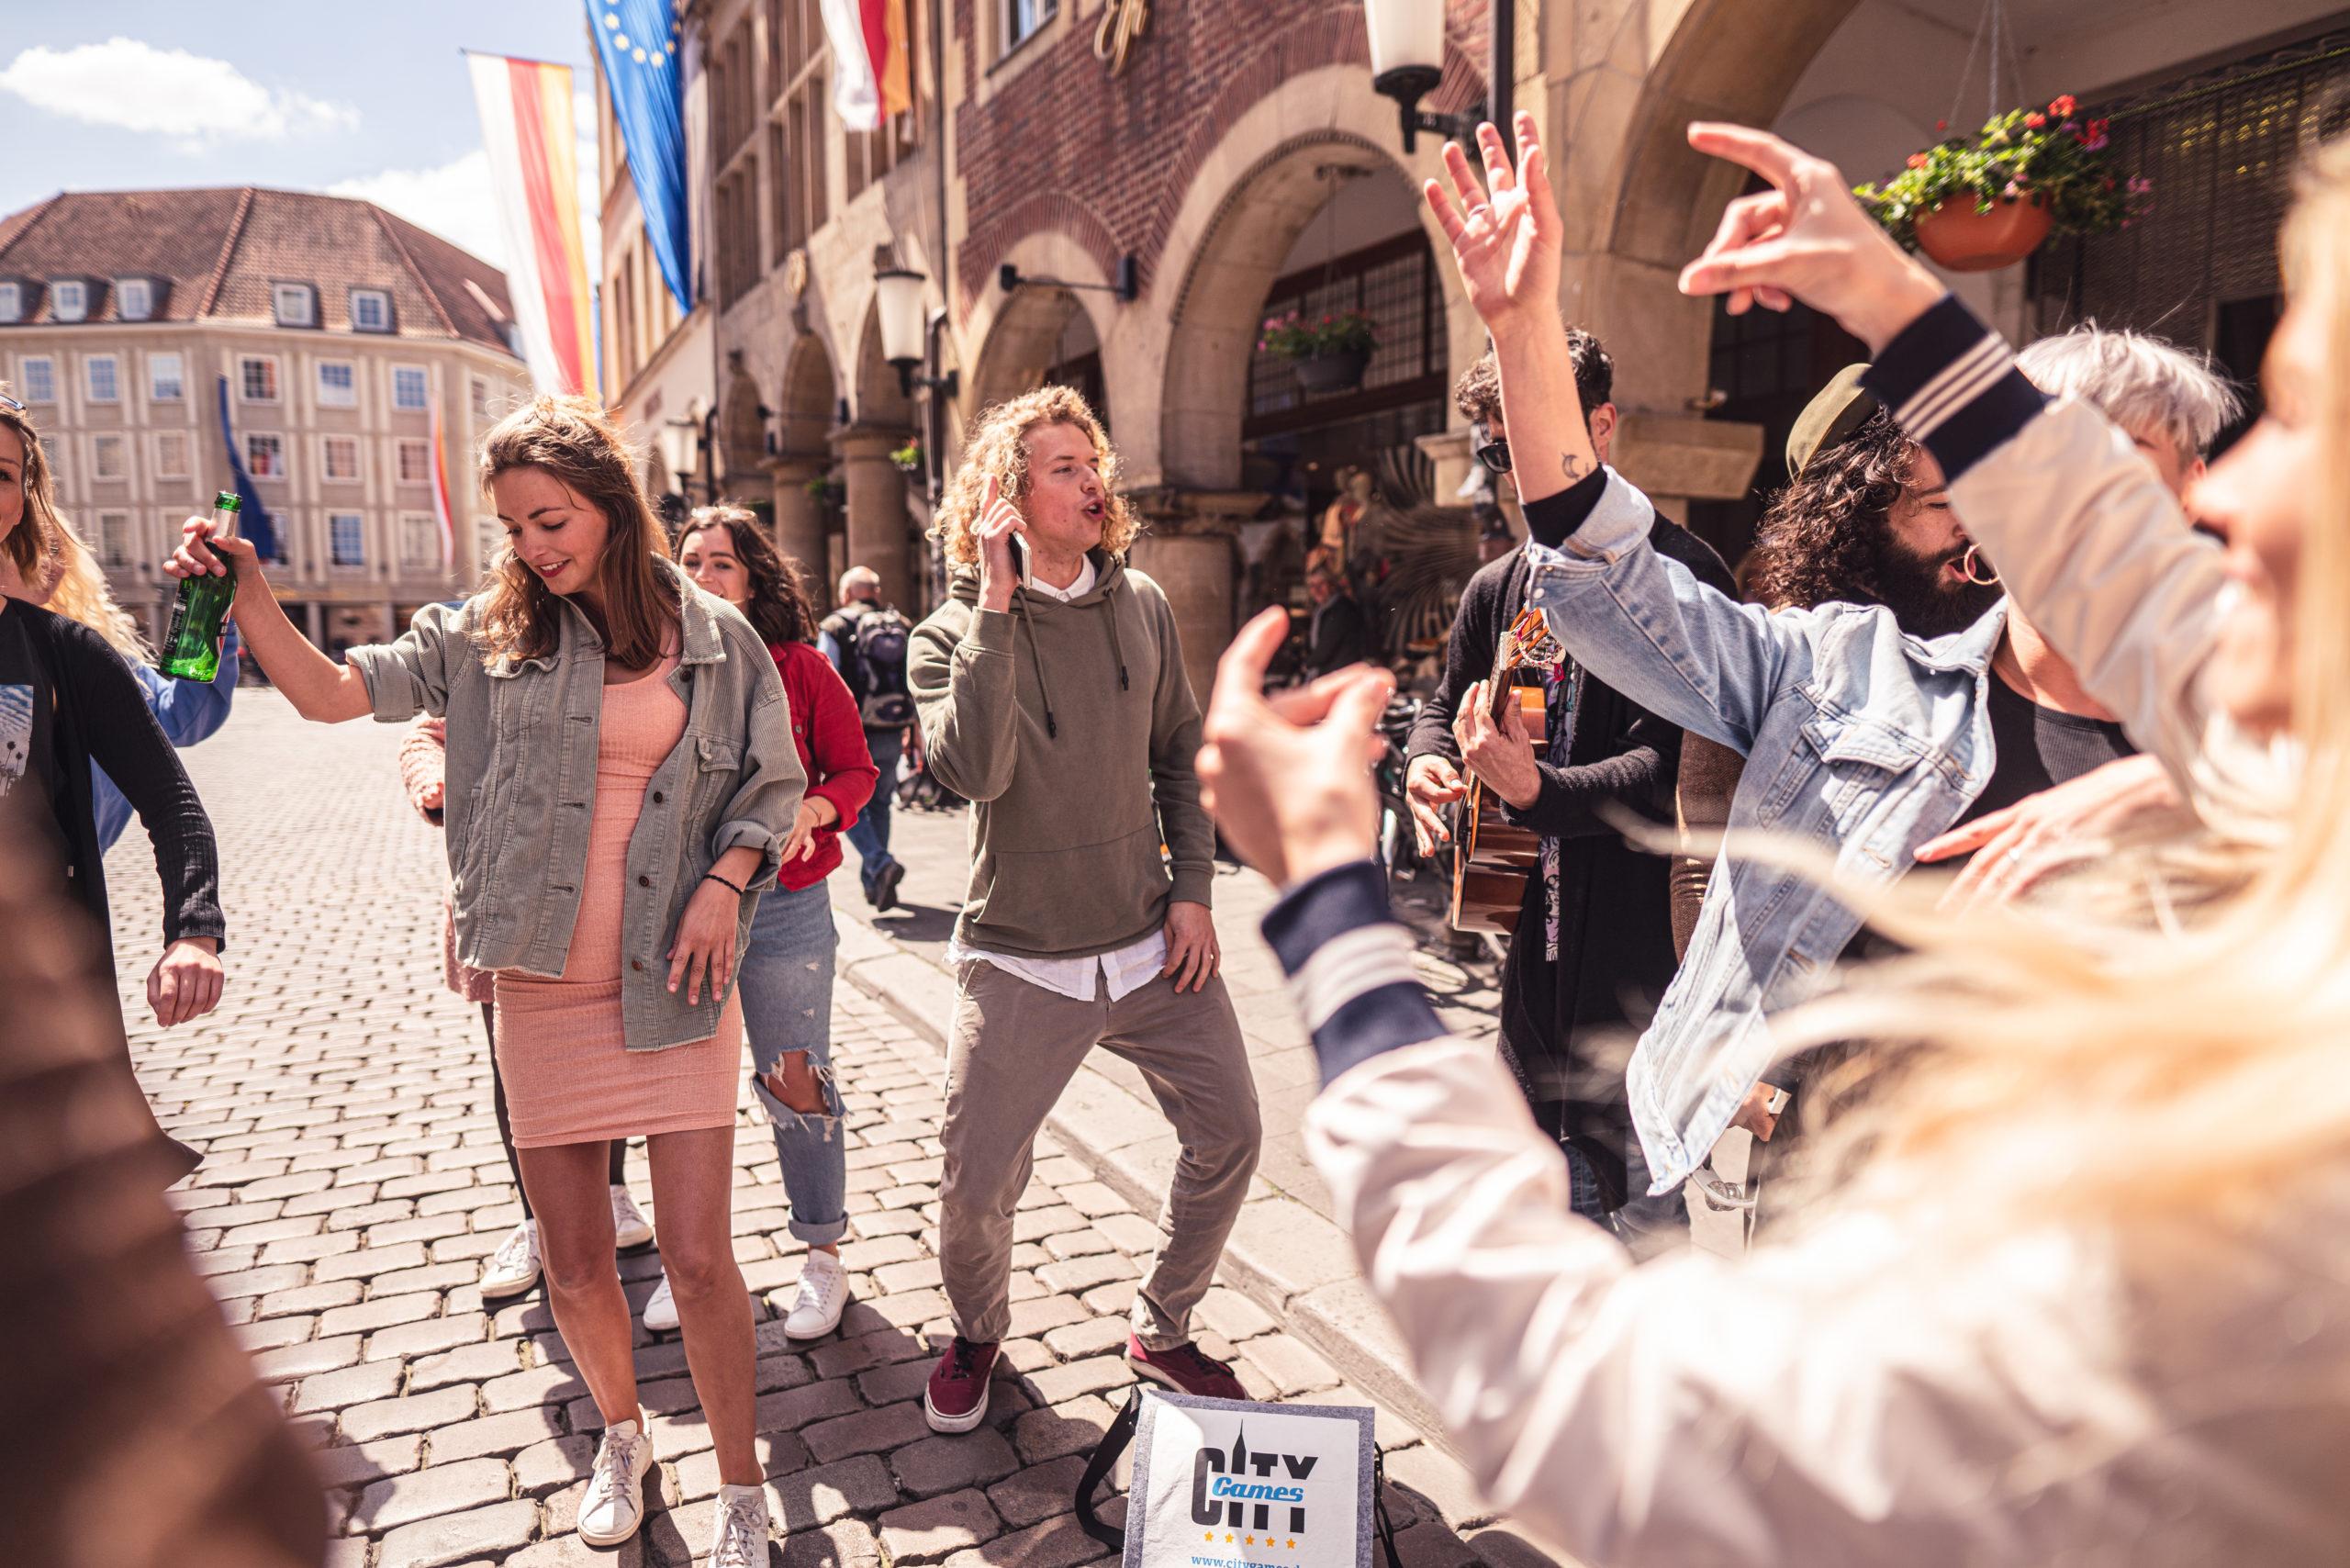 CityGames Dresden Sightseeing Party Tour: ausgelassene Partygruppe